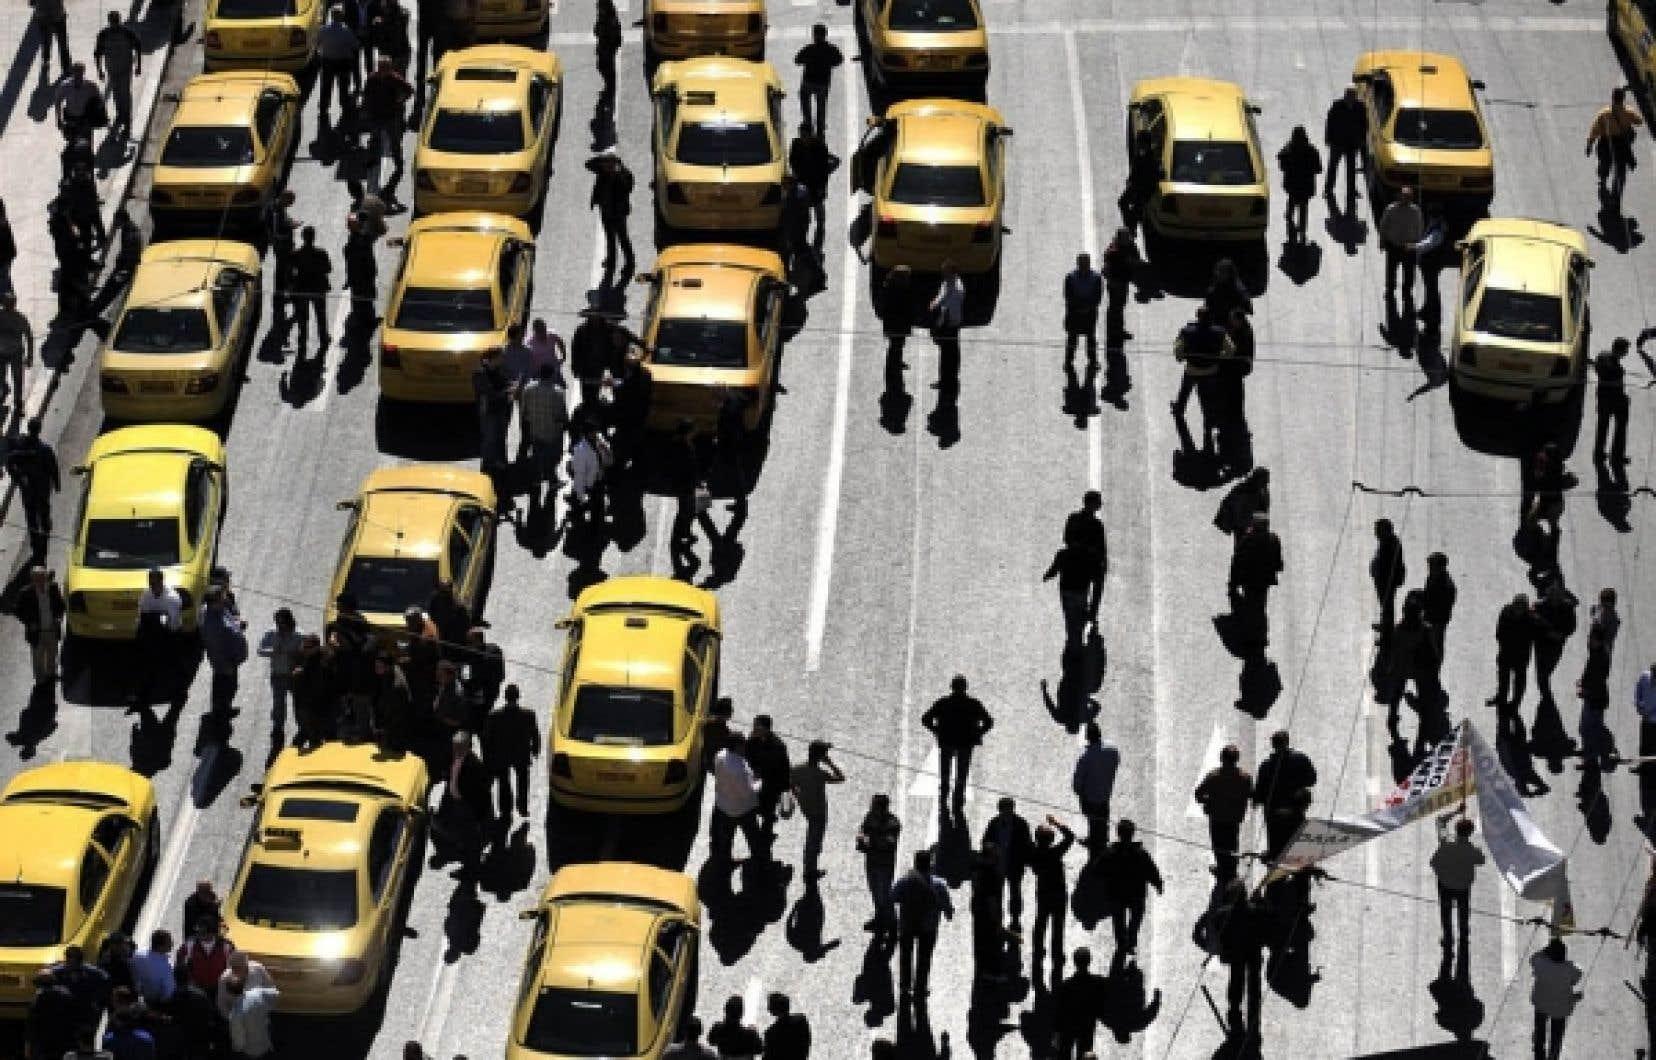 Les chauffeurs de taxi ont bloqué le centre d'Athènes hier pour protester contre les nouvelles mesures fiscales.